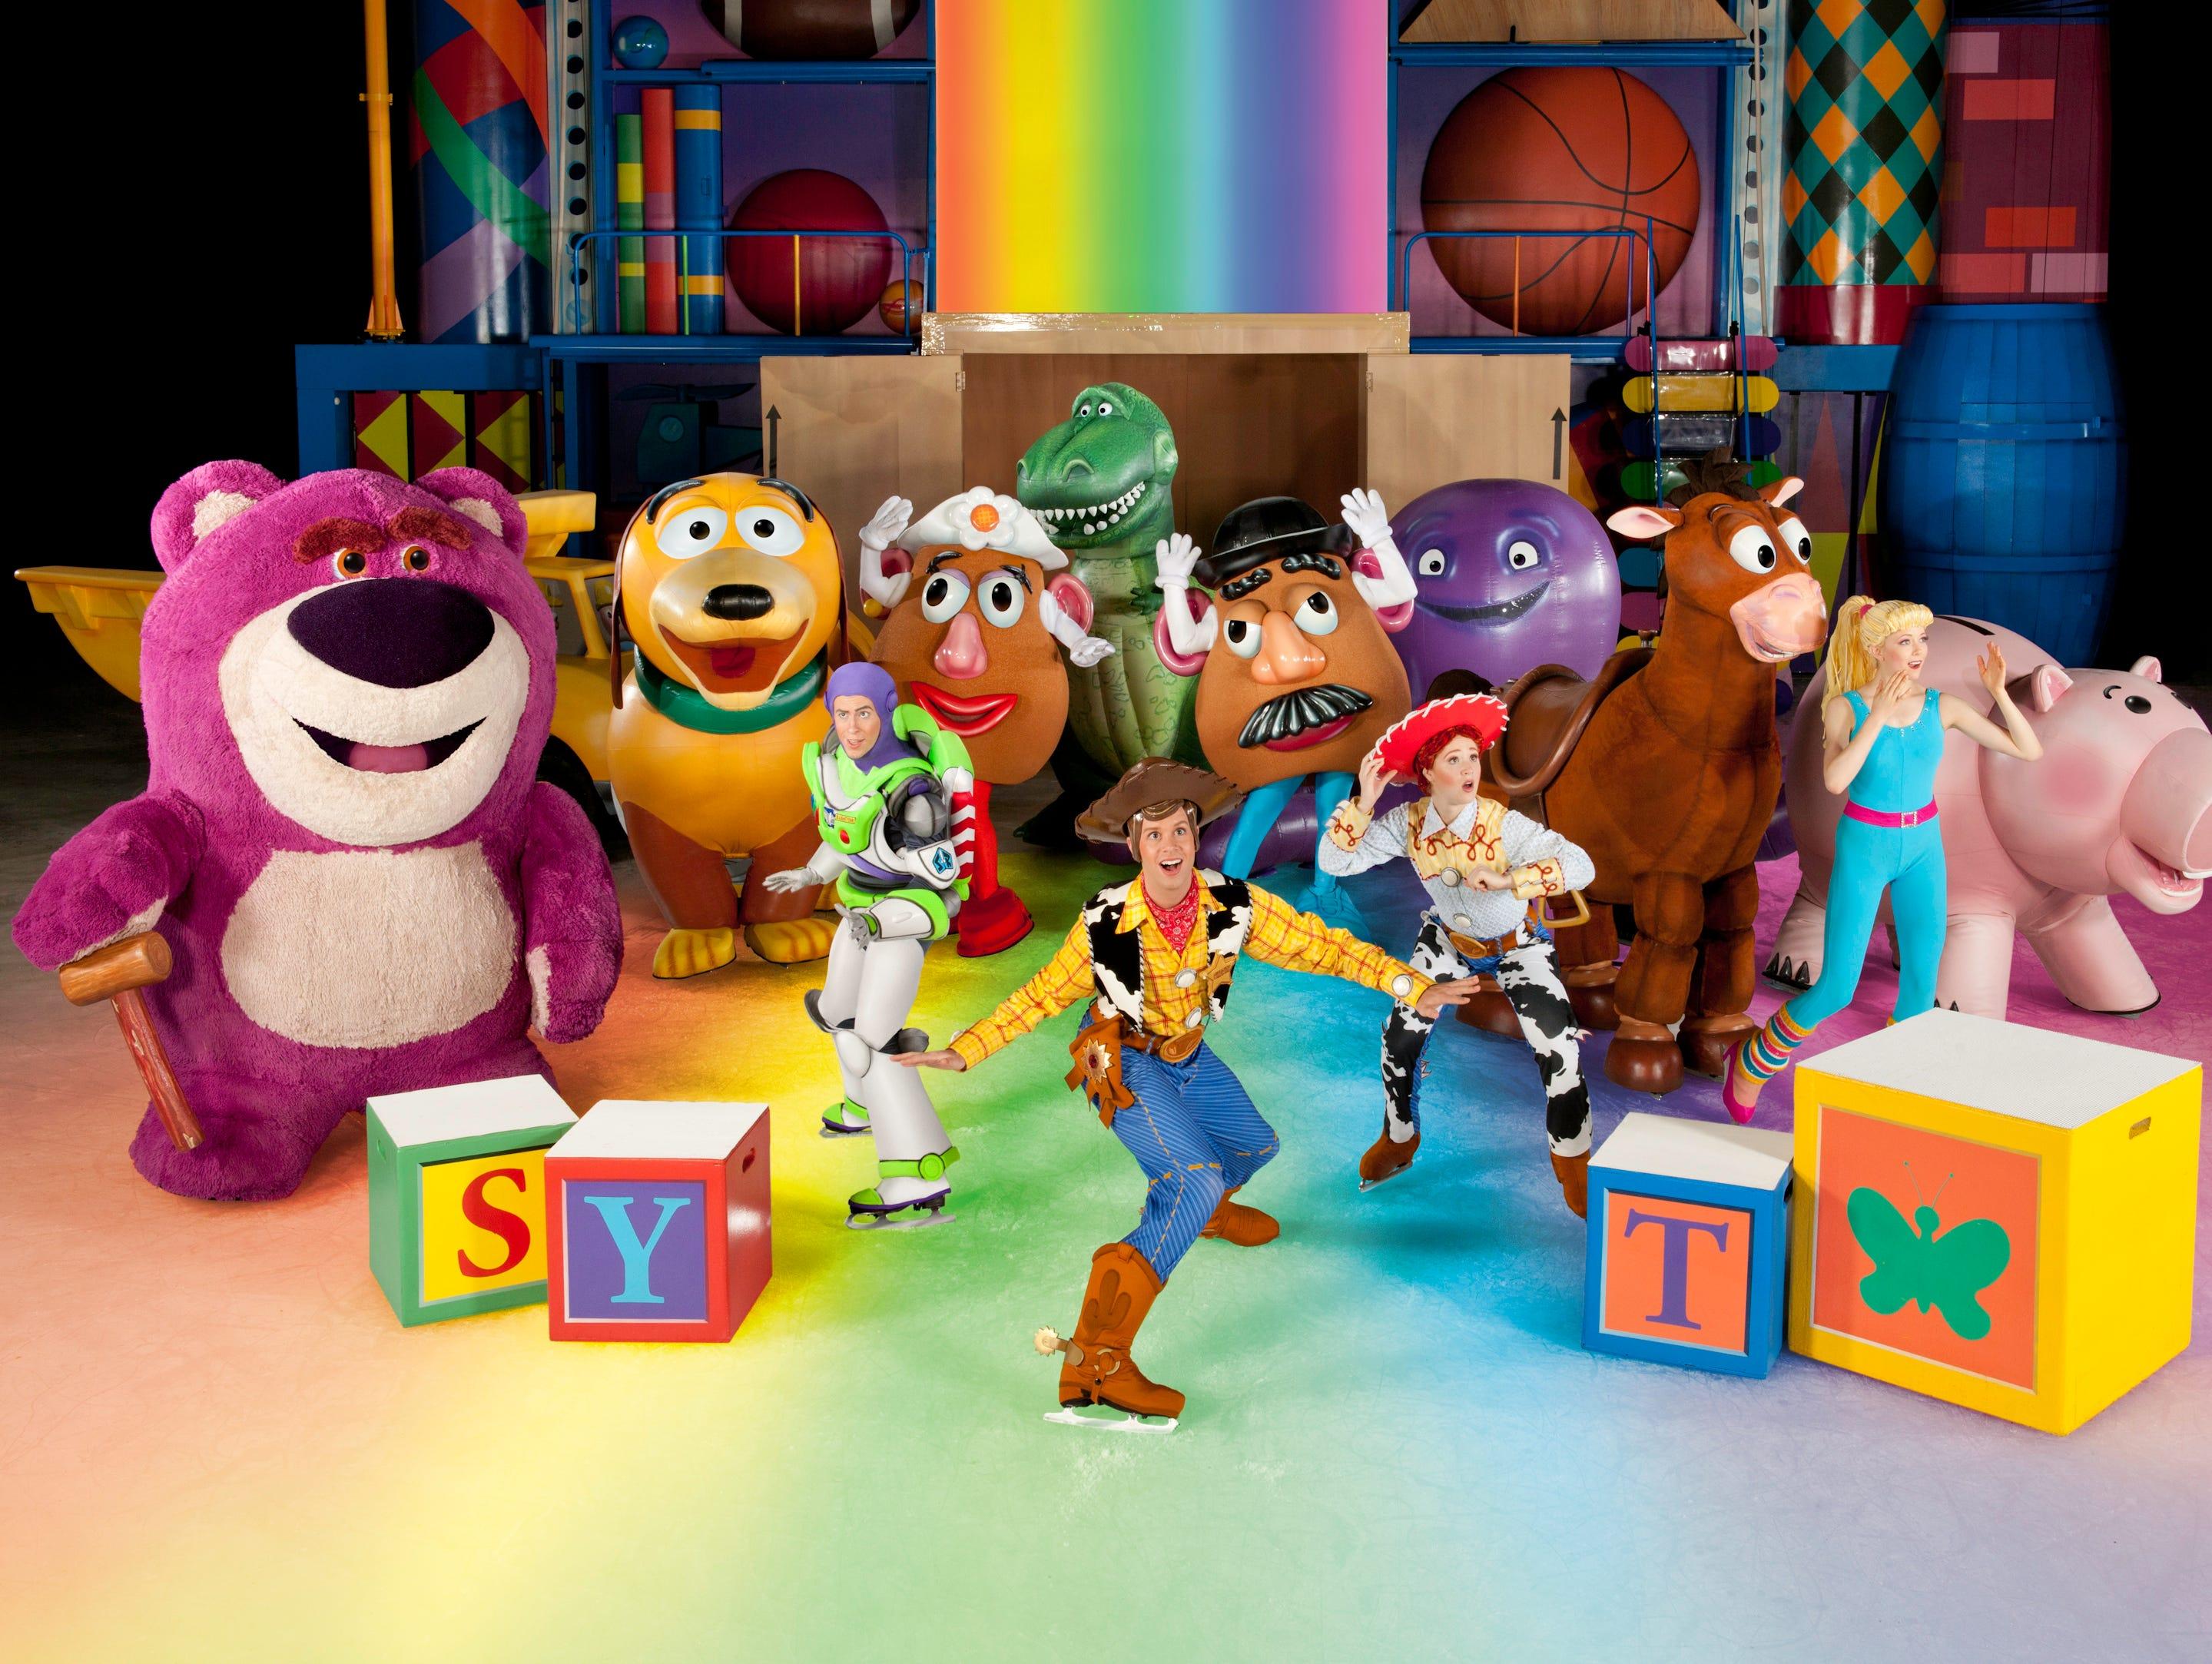 Los juguetes están de regreso con las heroicas acciones de Buzz, Woody, Jessie y sus amigos de Toy Story de Disney•Pixar, cuando escapan de la guardería Sunnyside Daycare en una intrépida travesía para regresar al cuarto de Andy.